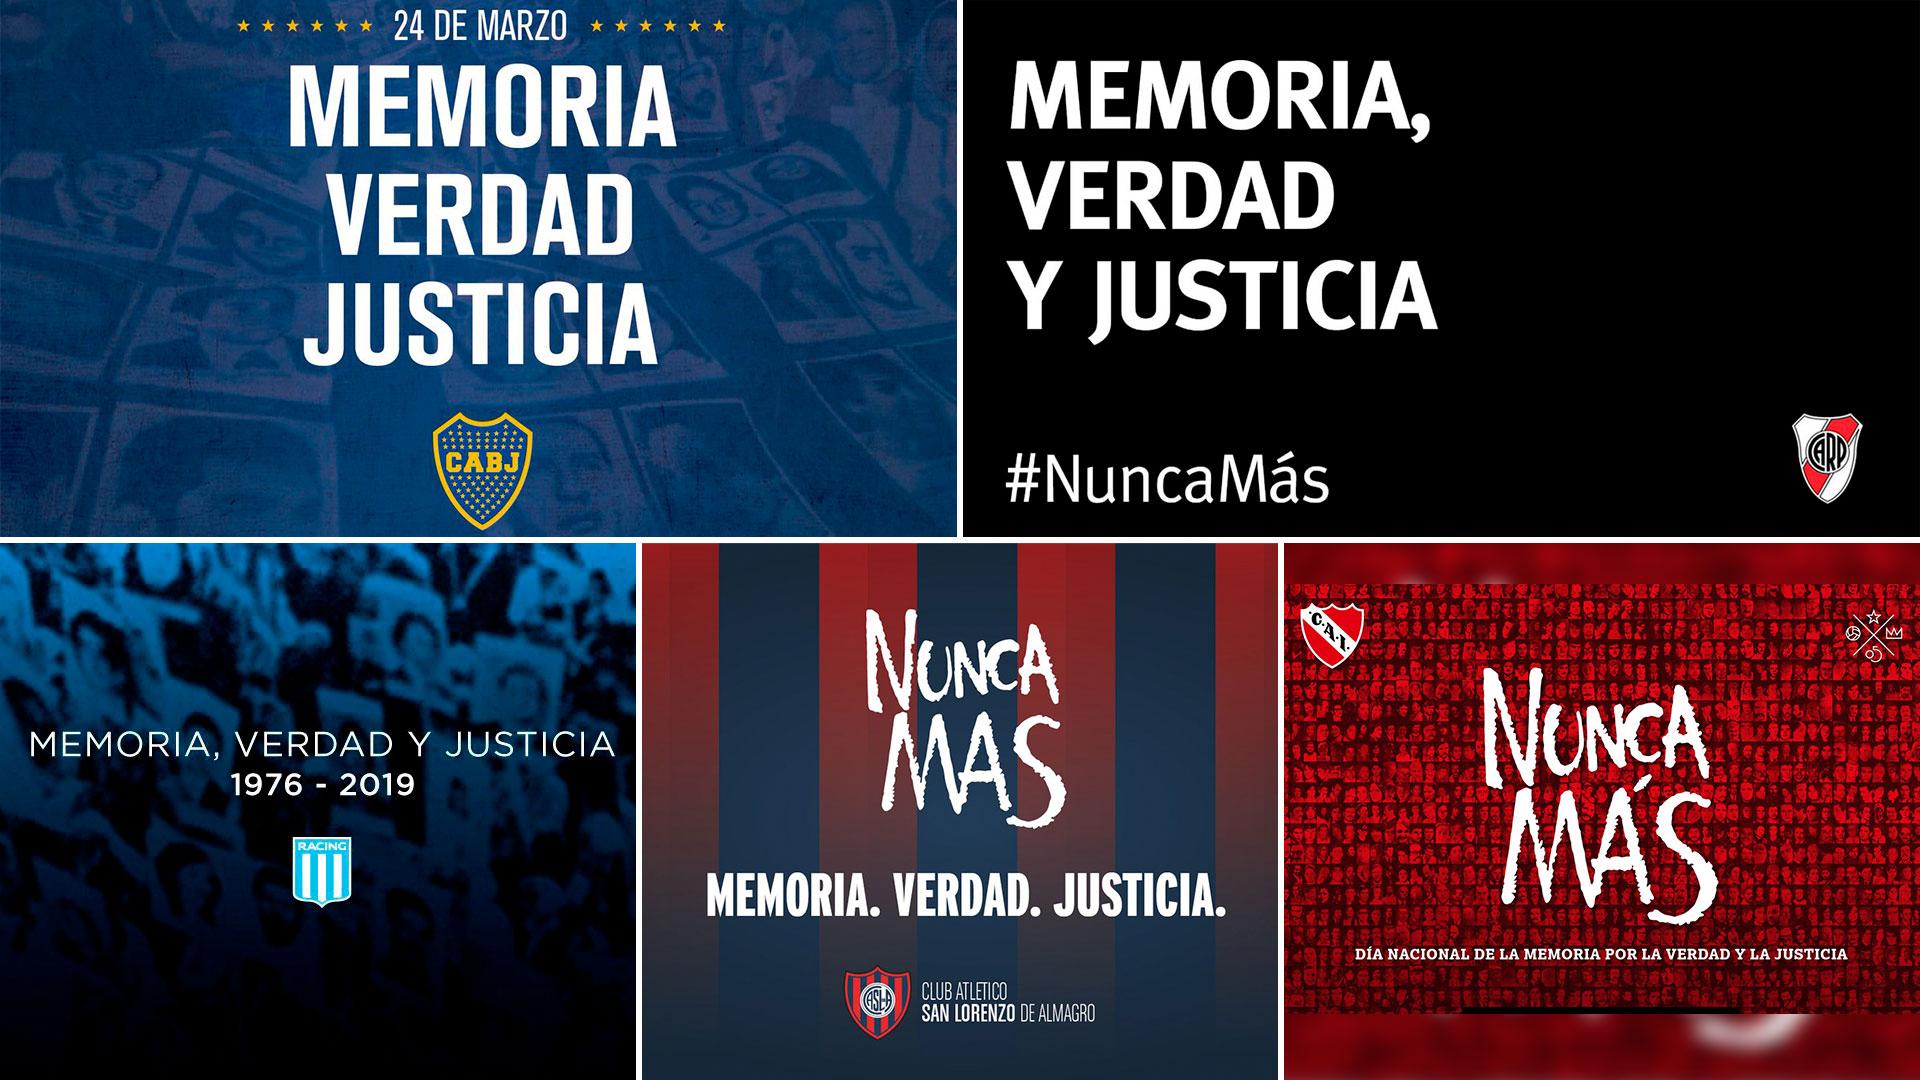 Boca Juniors, River Plate, Independiente, Racing Club y San Lorenzo reivindicaron la consigna de Nunca Más en el Día Nacional de la Memoria